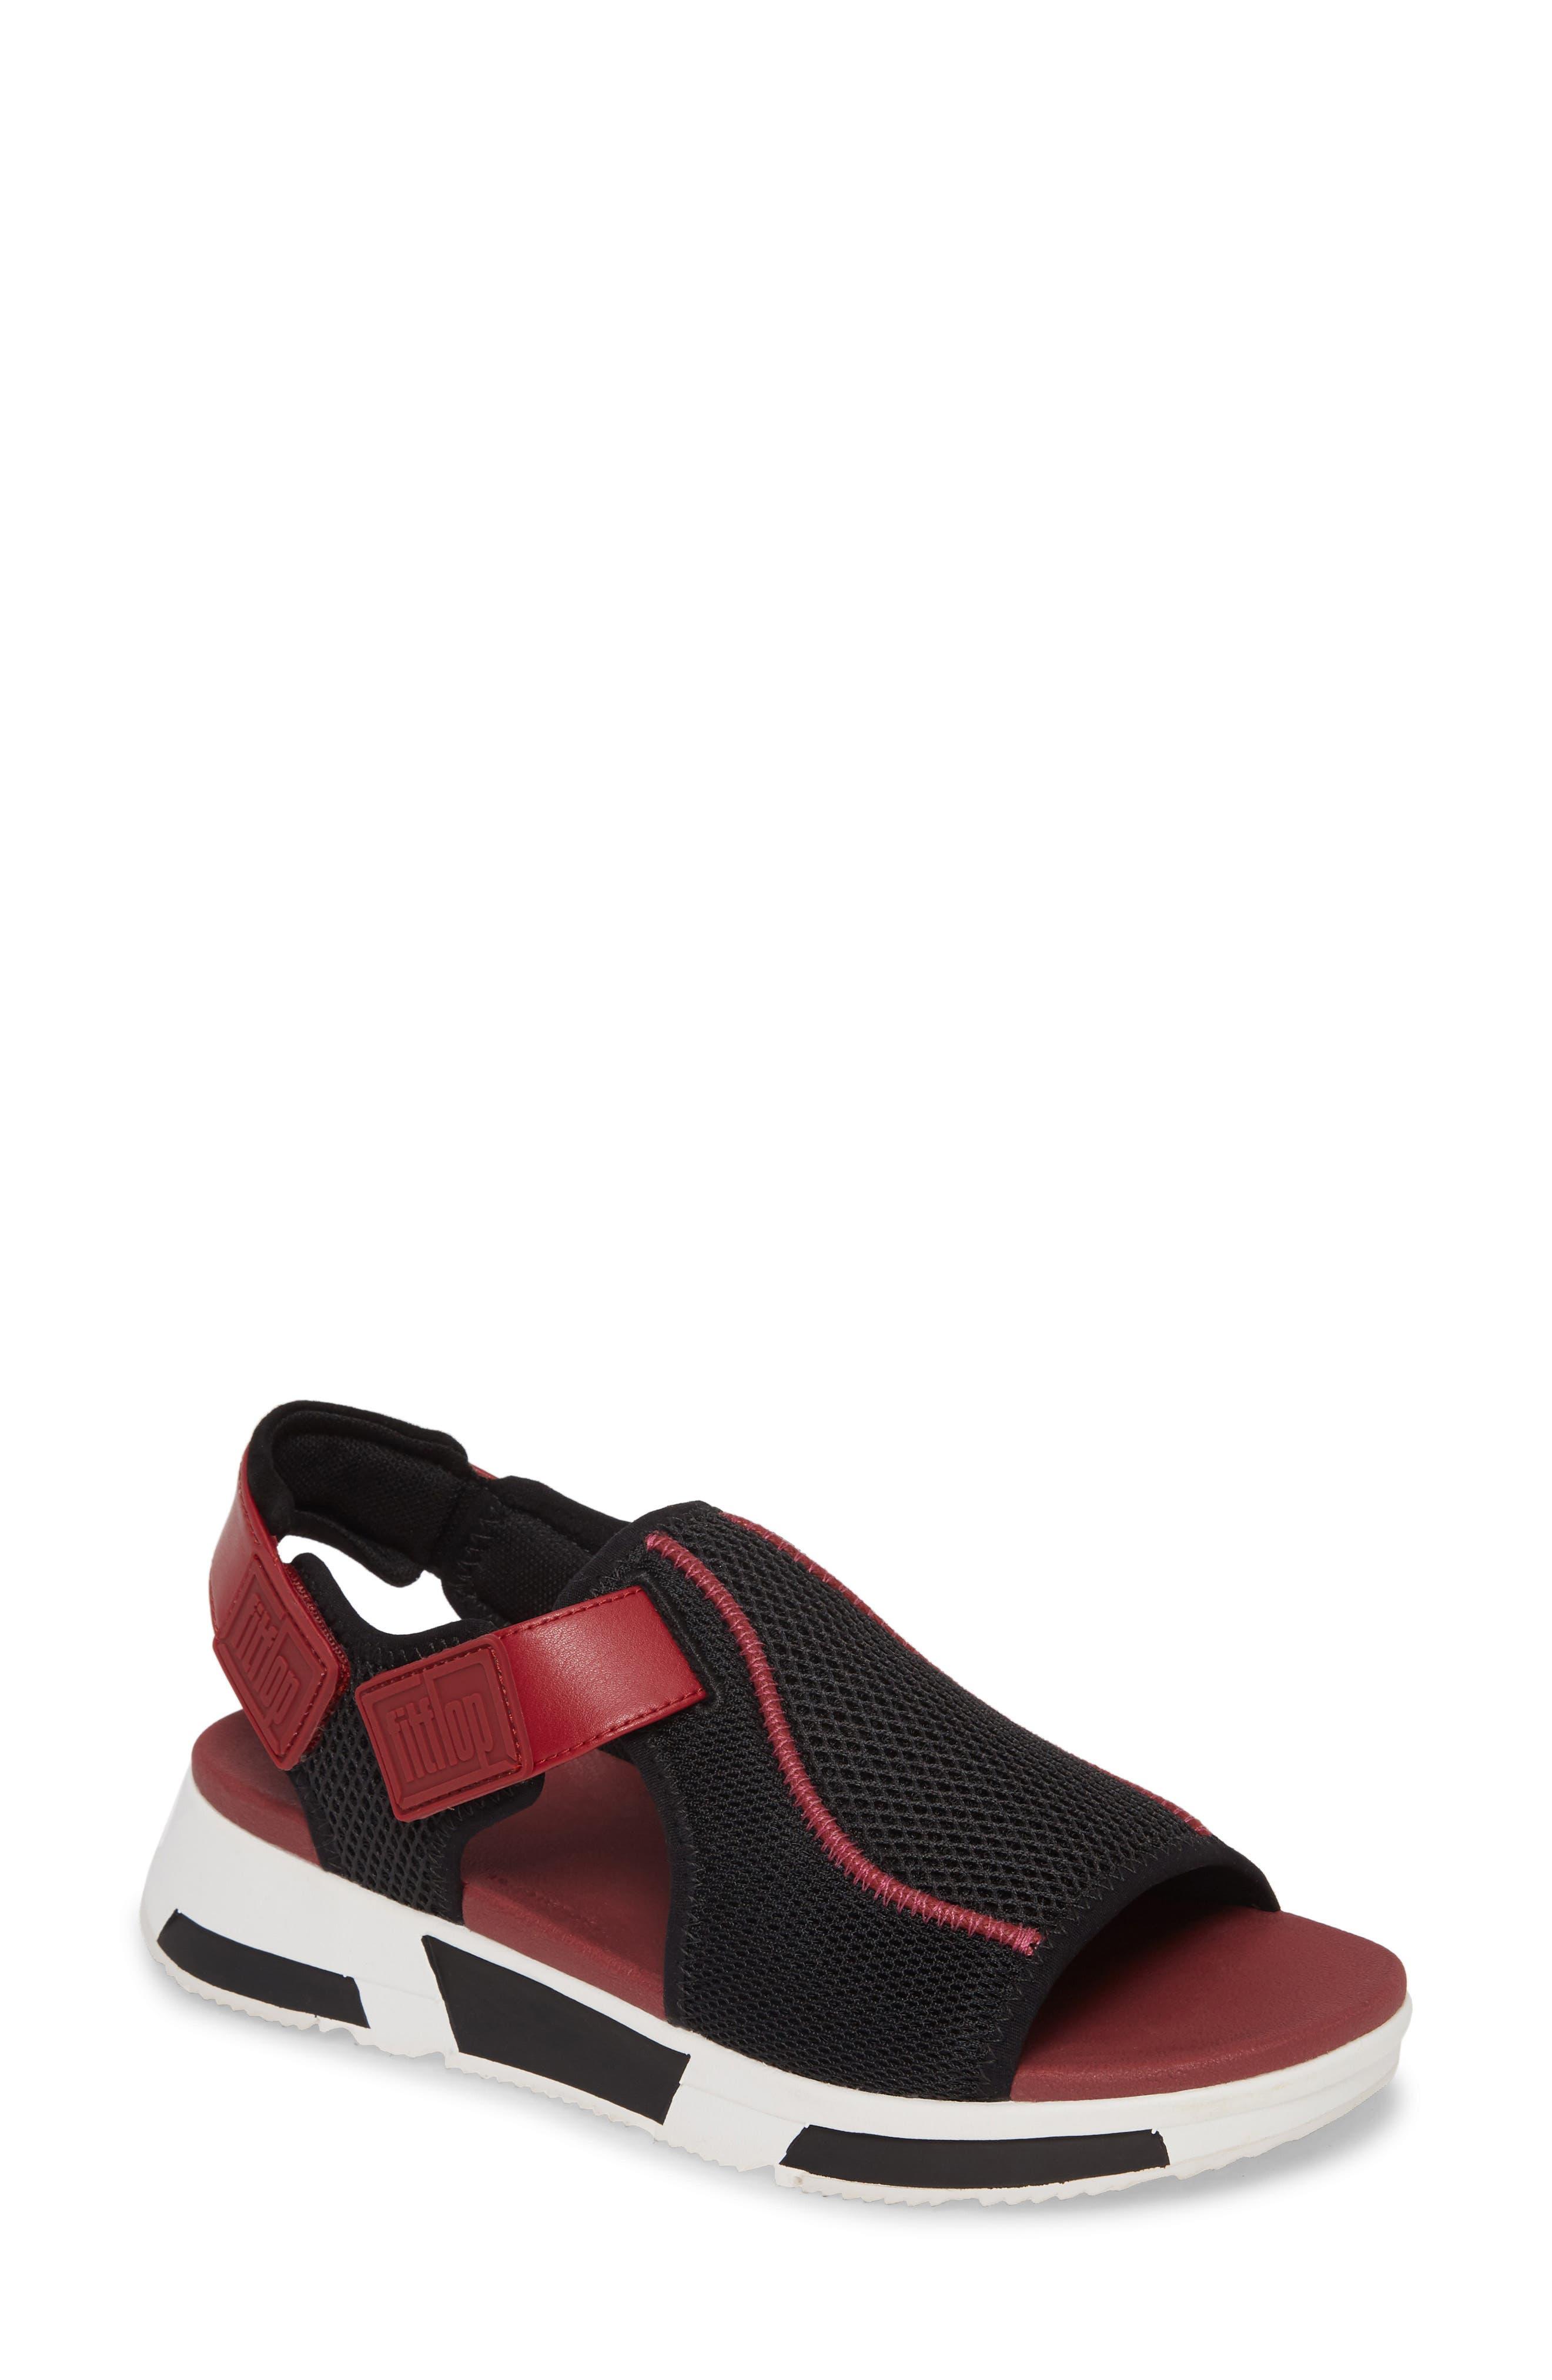 Women s Fitflop Alyssa Sandal E5109